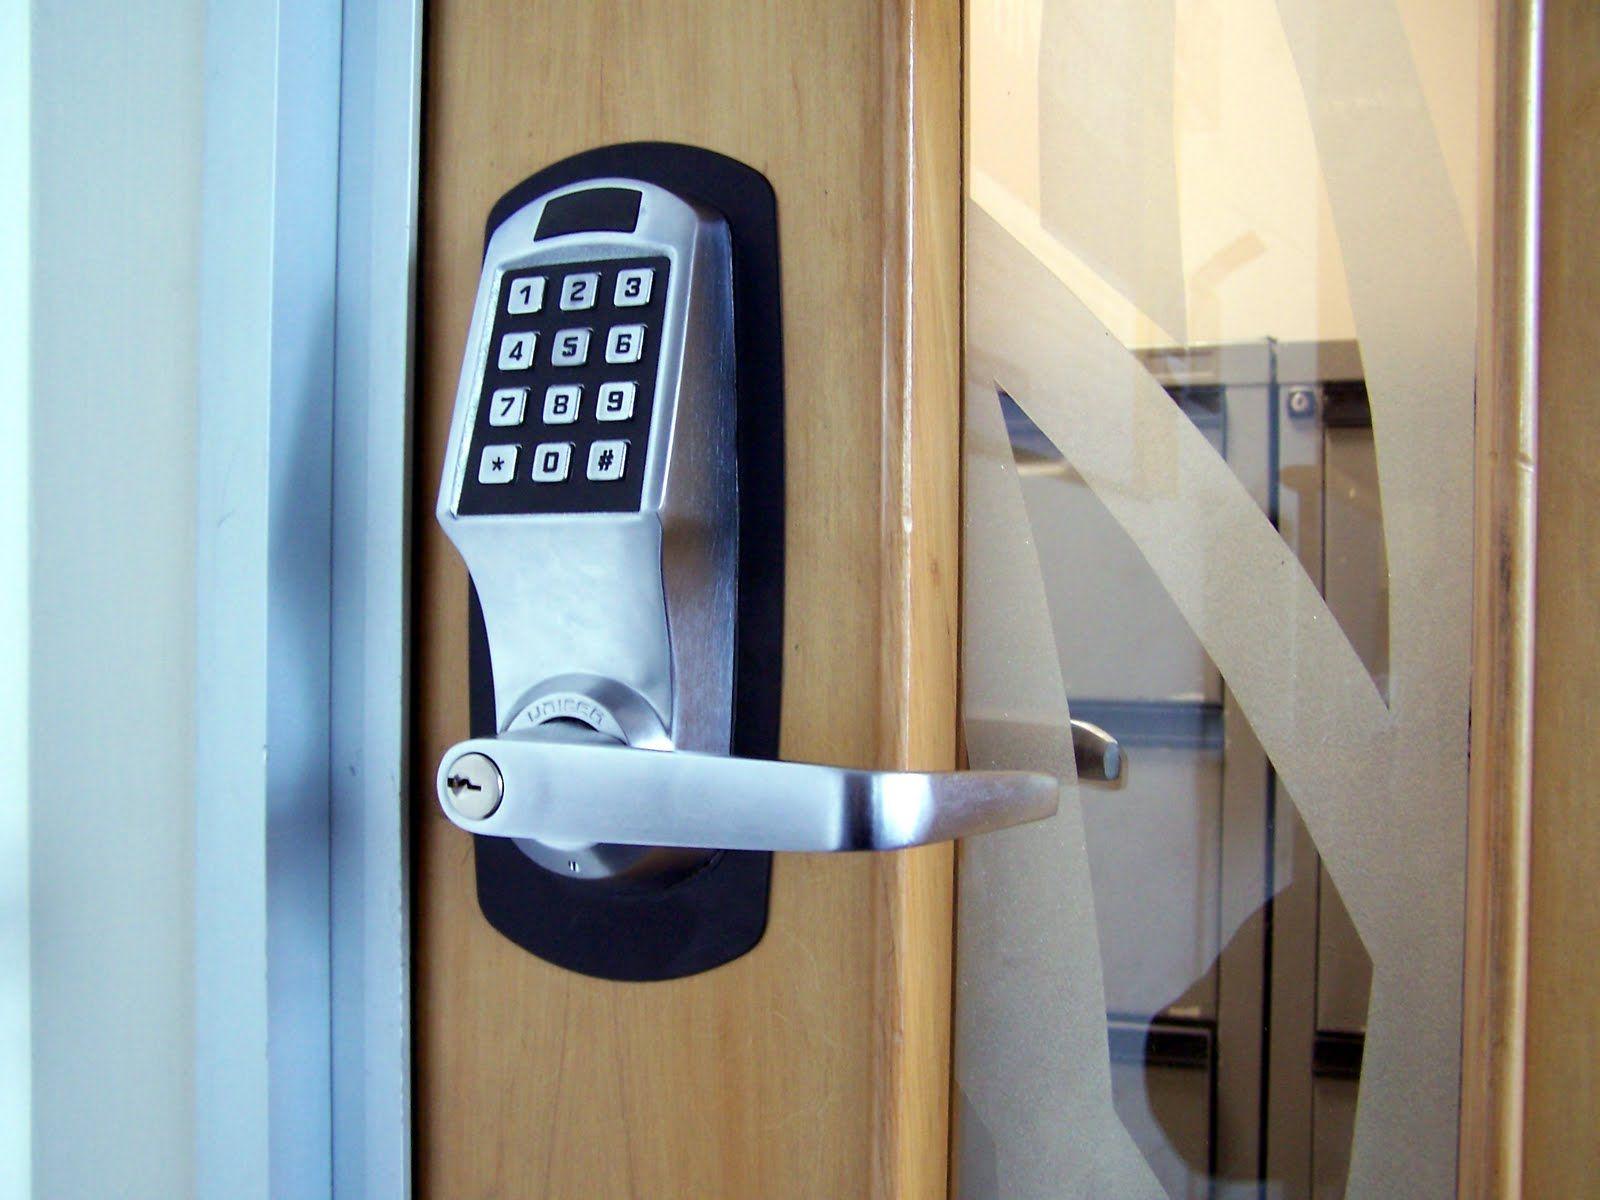 Commercial Grade Keypad Locks Available Door Security System Home Security Tips Home Security Systems